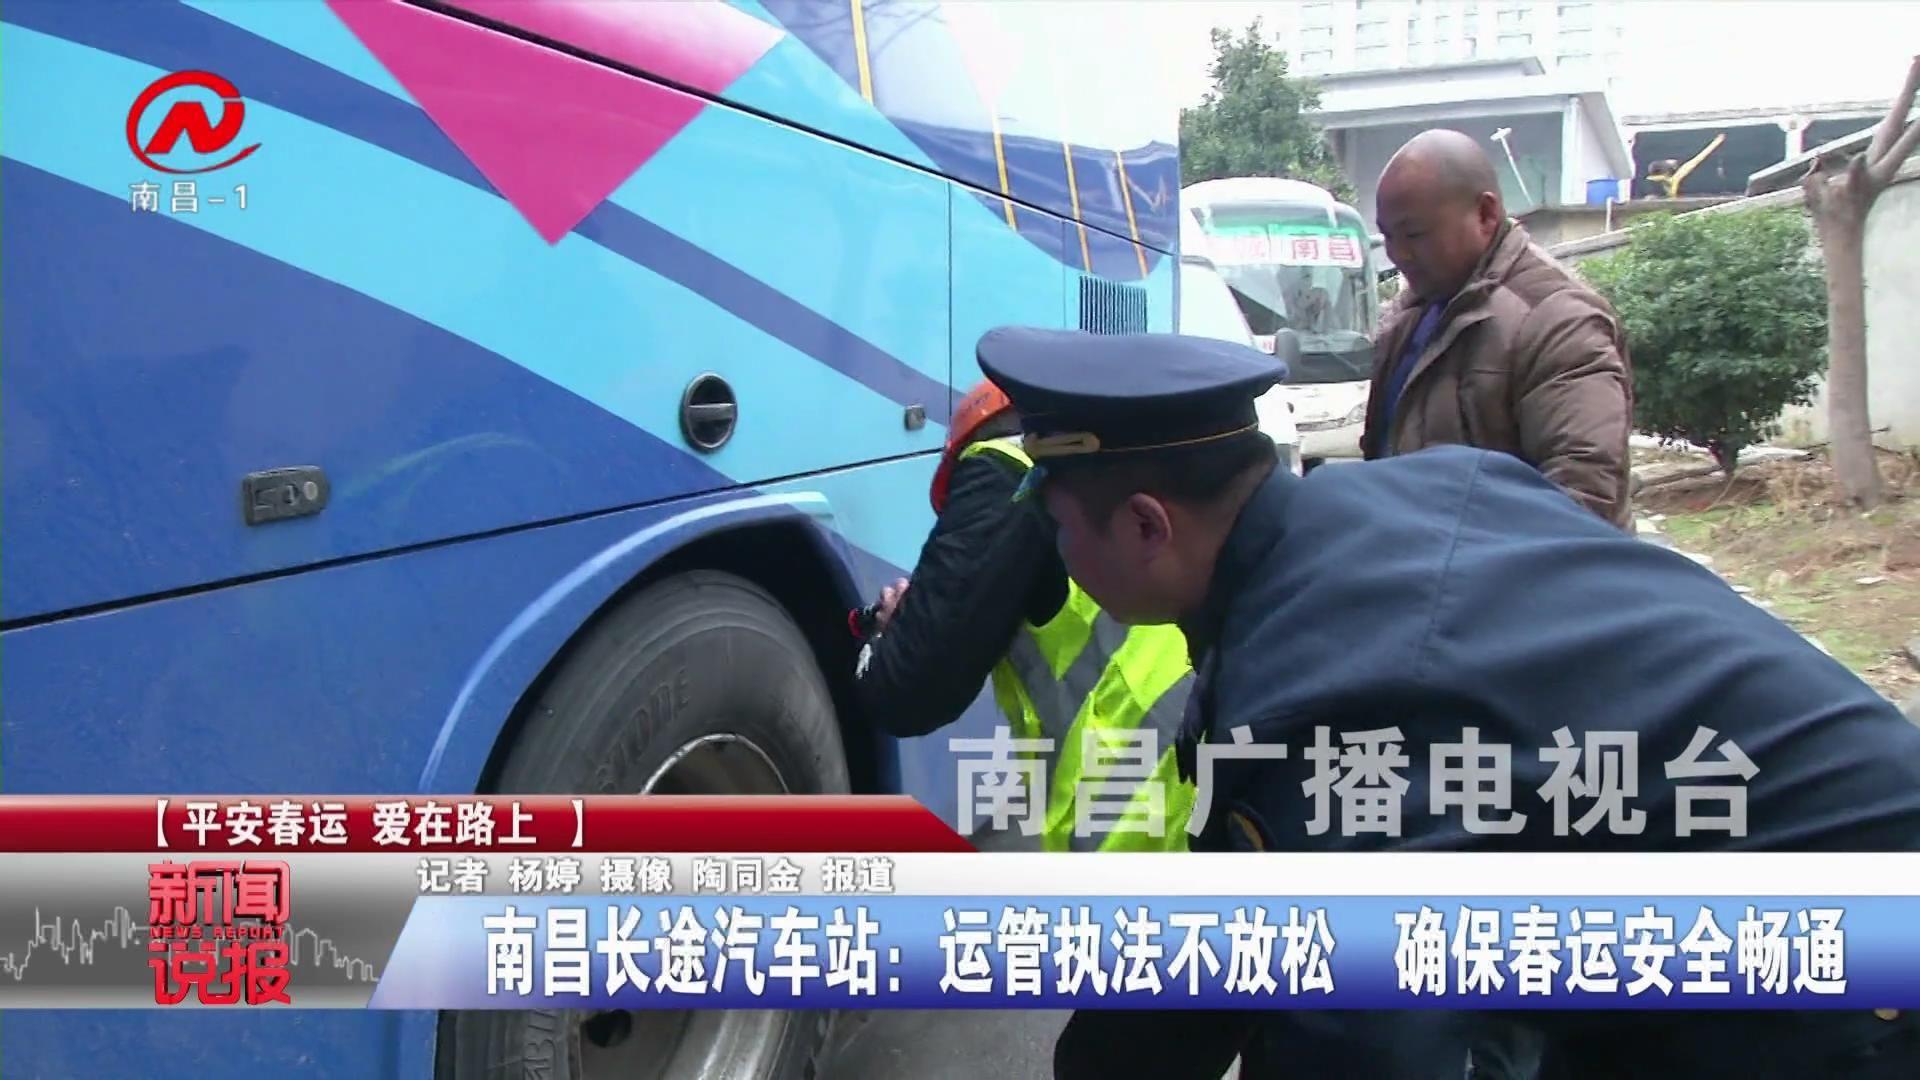 南昌长途汽车站:运管执法不放松  确保春运安全畅通